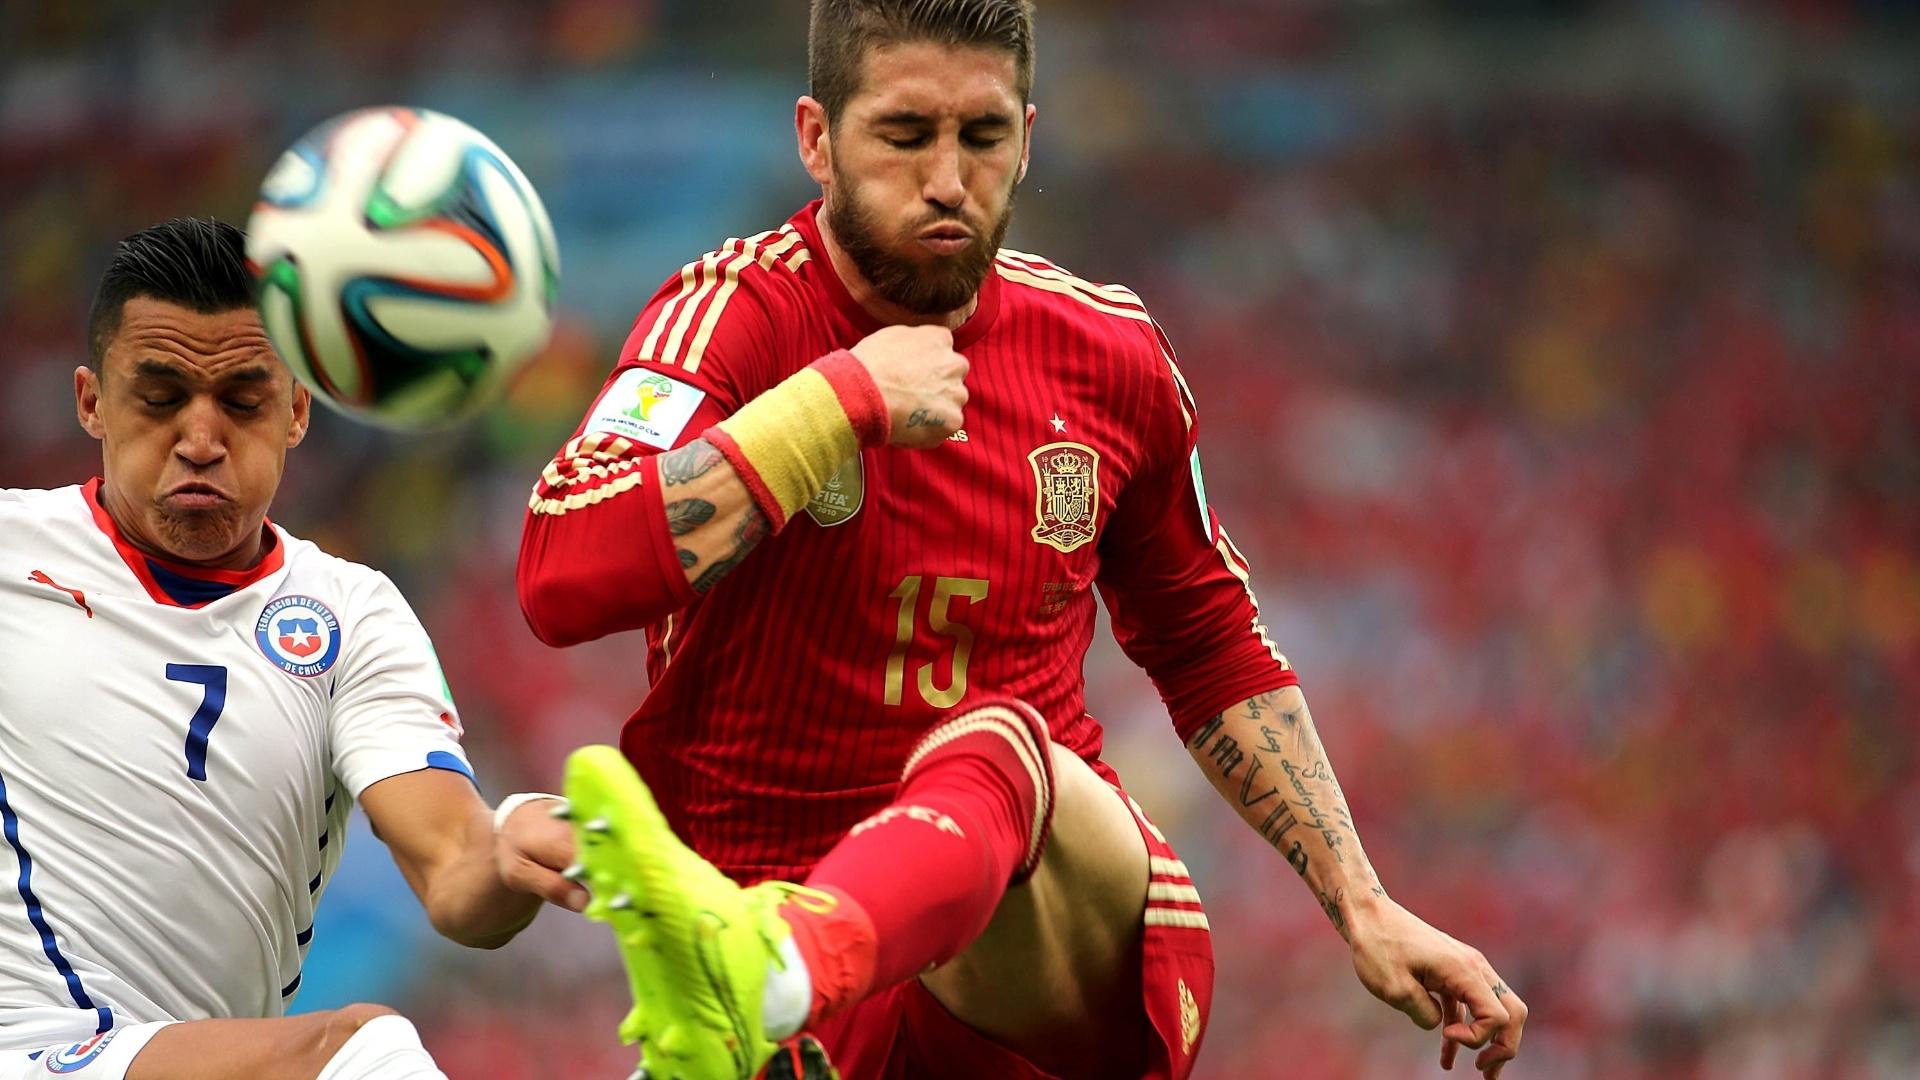 Espanhol Sergio Ramos divide a bola com o chileno Alexis Sánchez no Maracanã